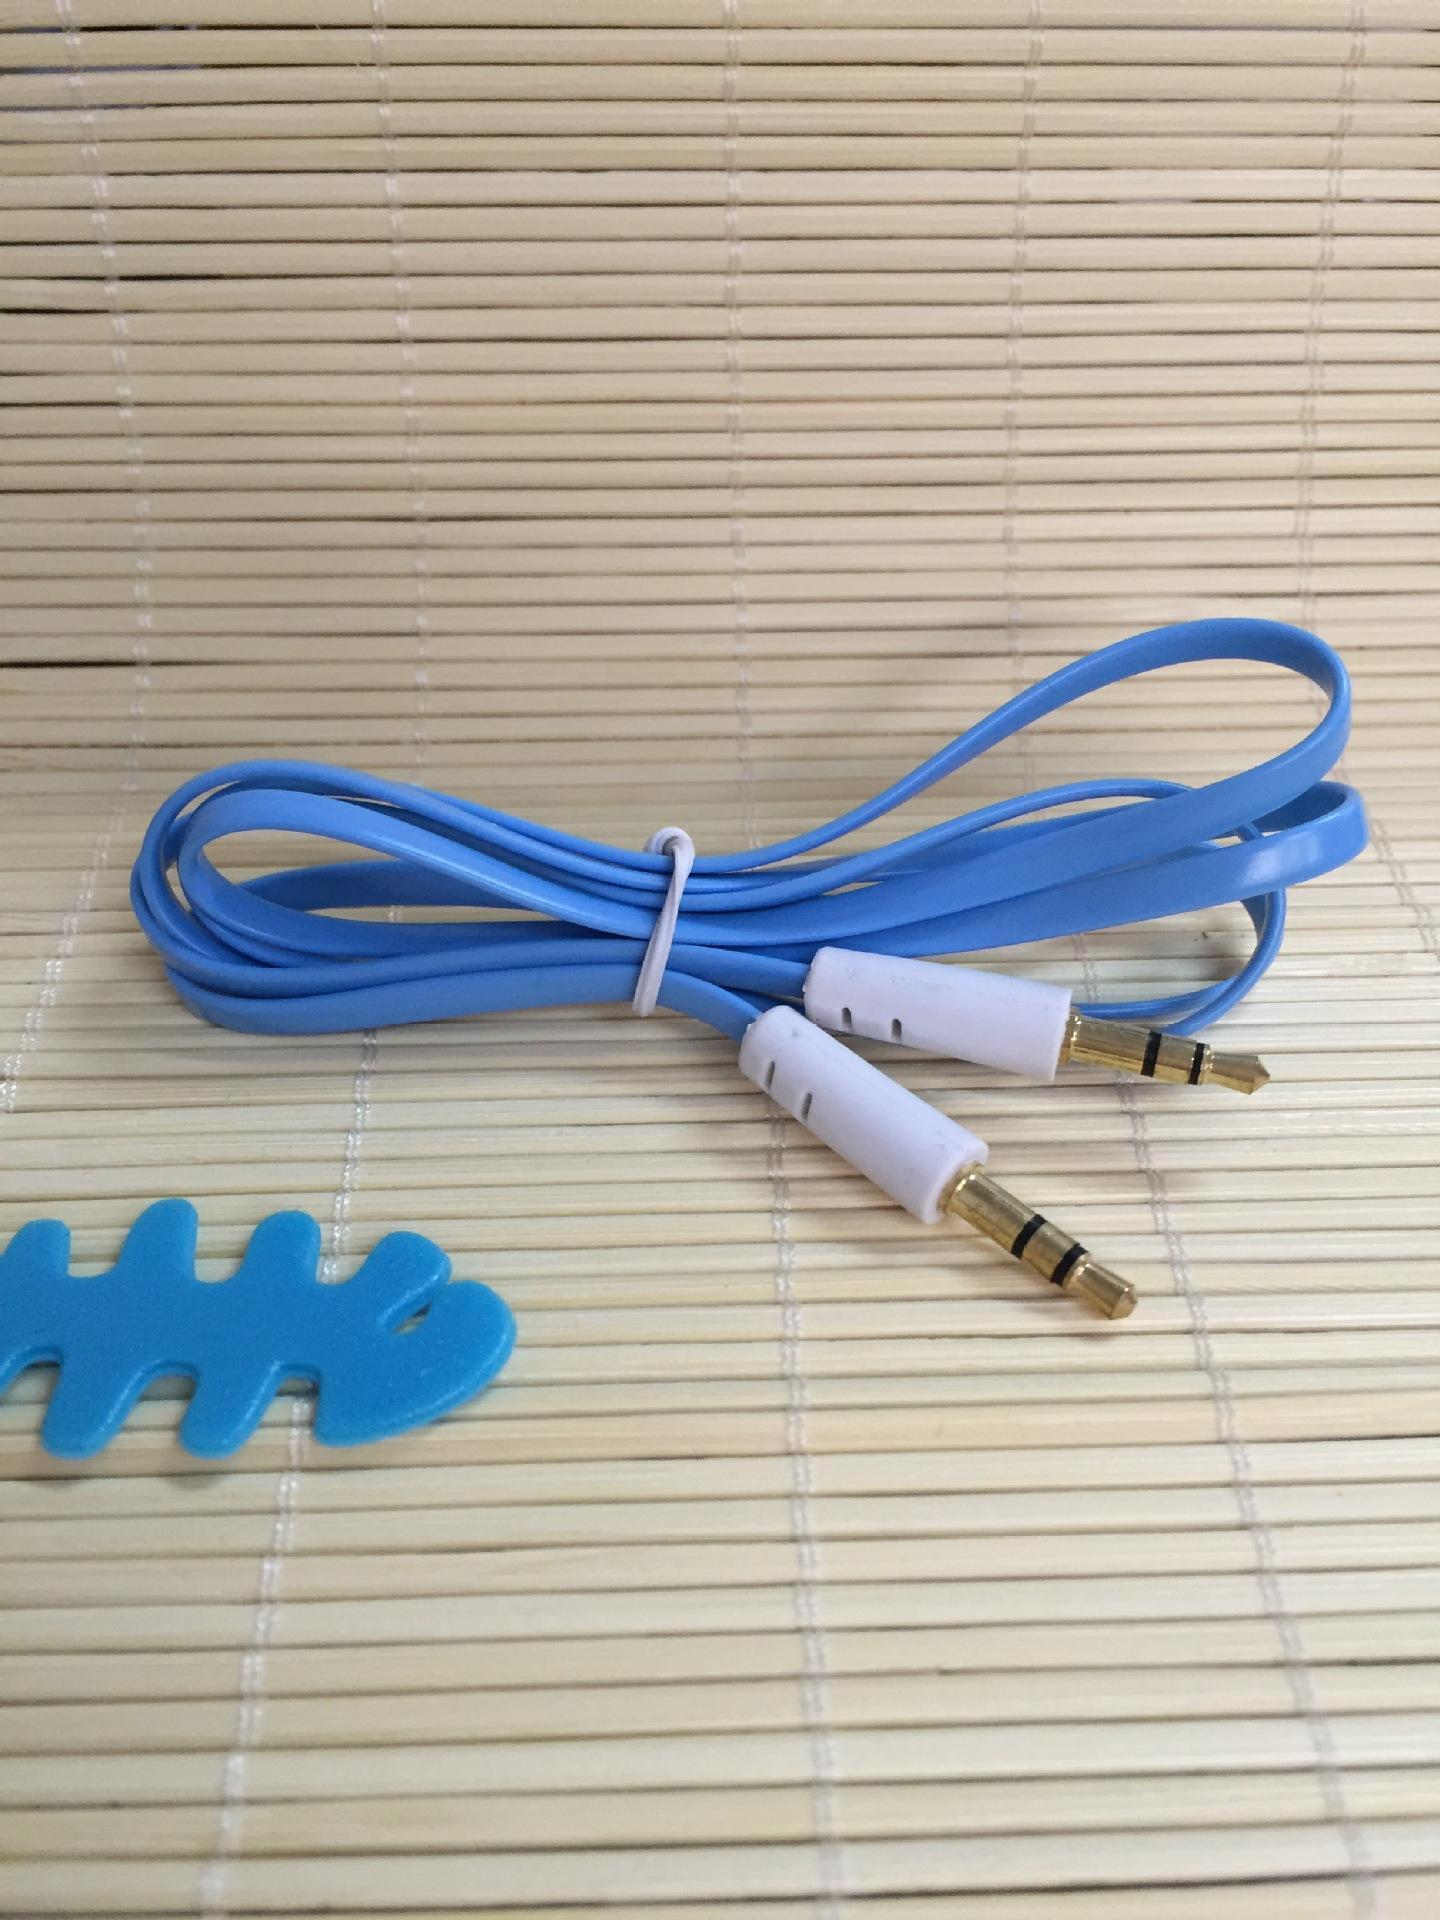 3.5mm mâle à mâle M / M prise audio stéréo pour câble auxiliaire AUX câble auxiliaire étendu câble Smart Phone Tablet audio câble aux 1M 3FT